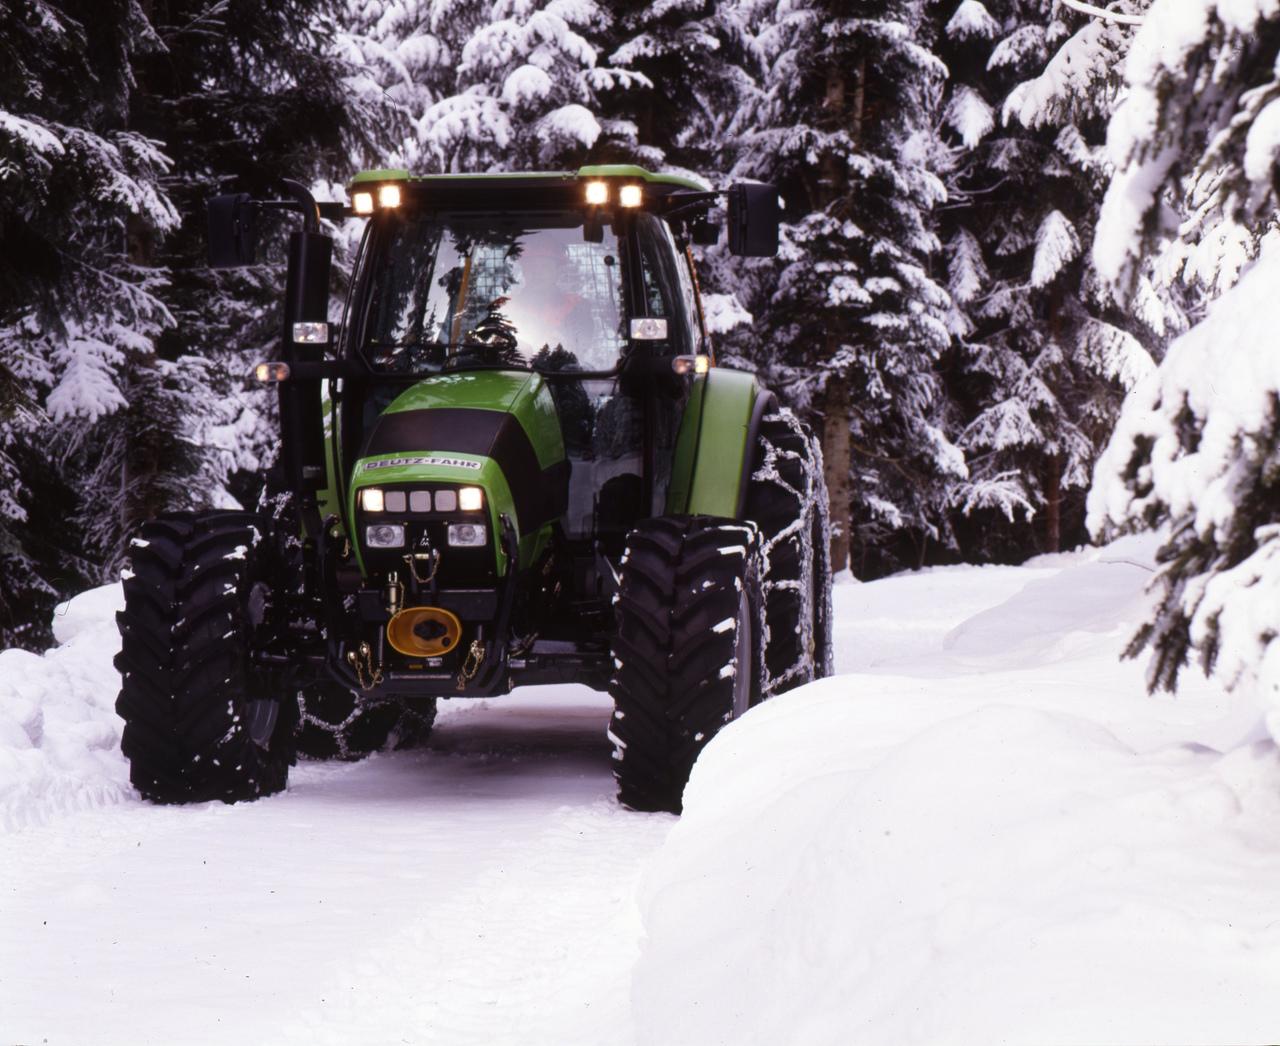 [Deutz-Fahr] trattore Agrotron K 100 in un bosco innevato